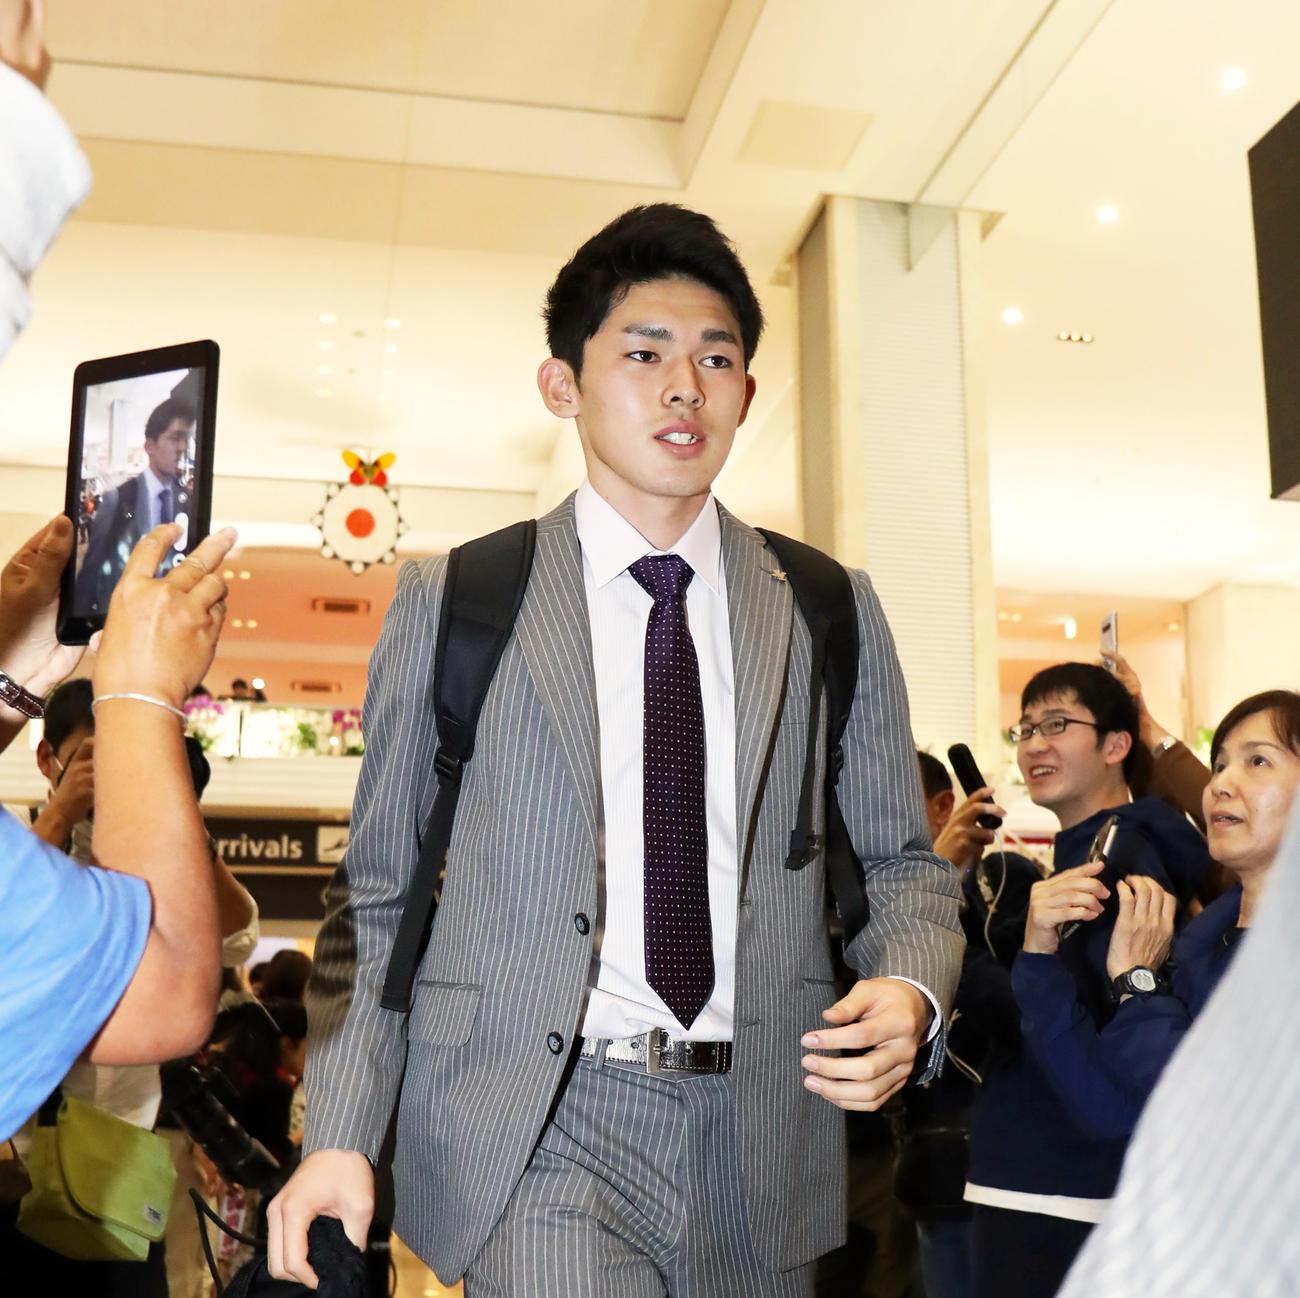 居合わせた観光客と報道陣の視線を浴びながら新石垣空港に到着したロッテ佐々木朗希(撮影・垰建太)